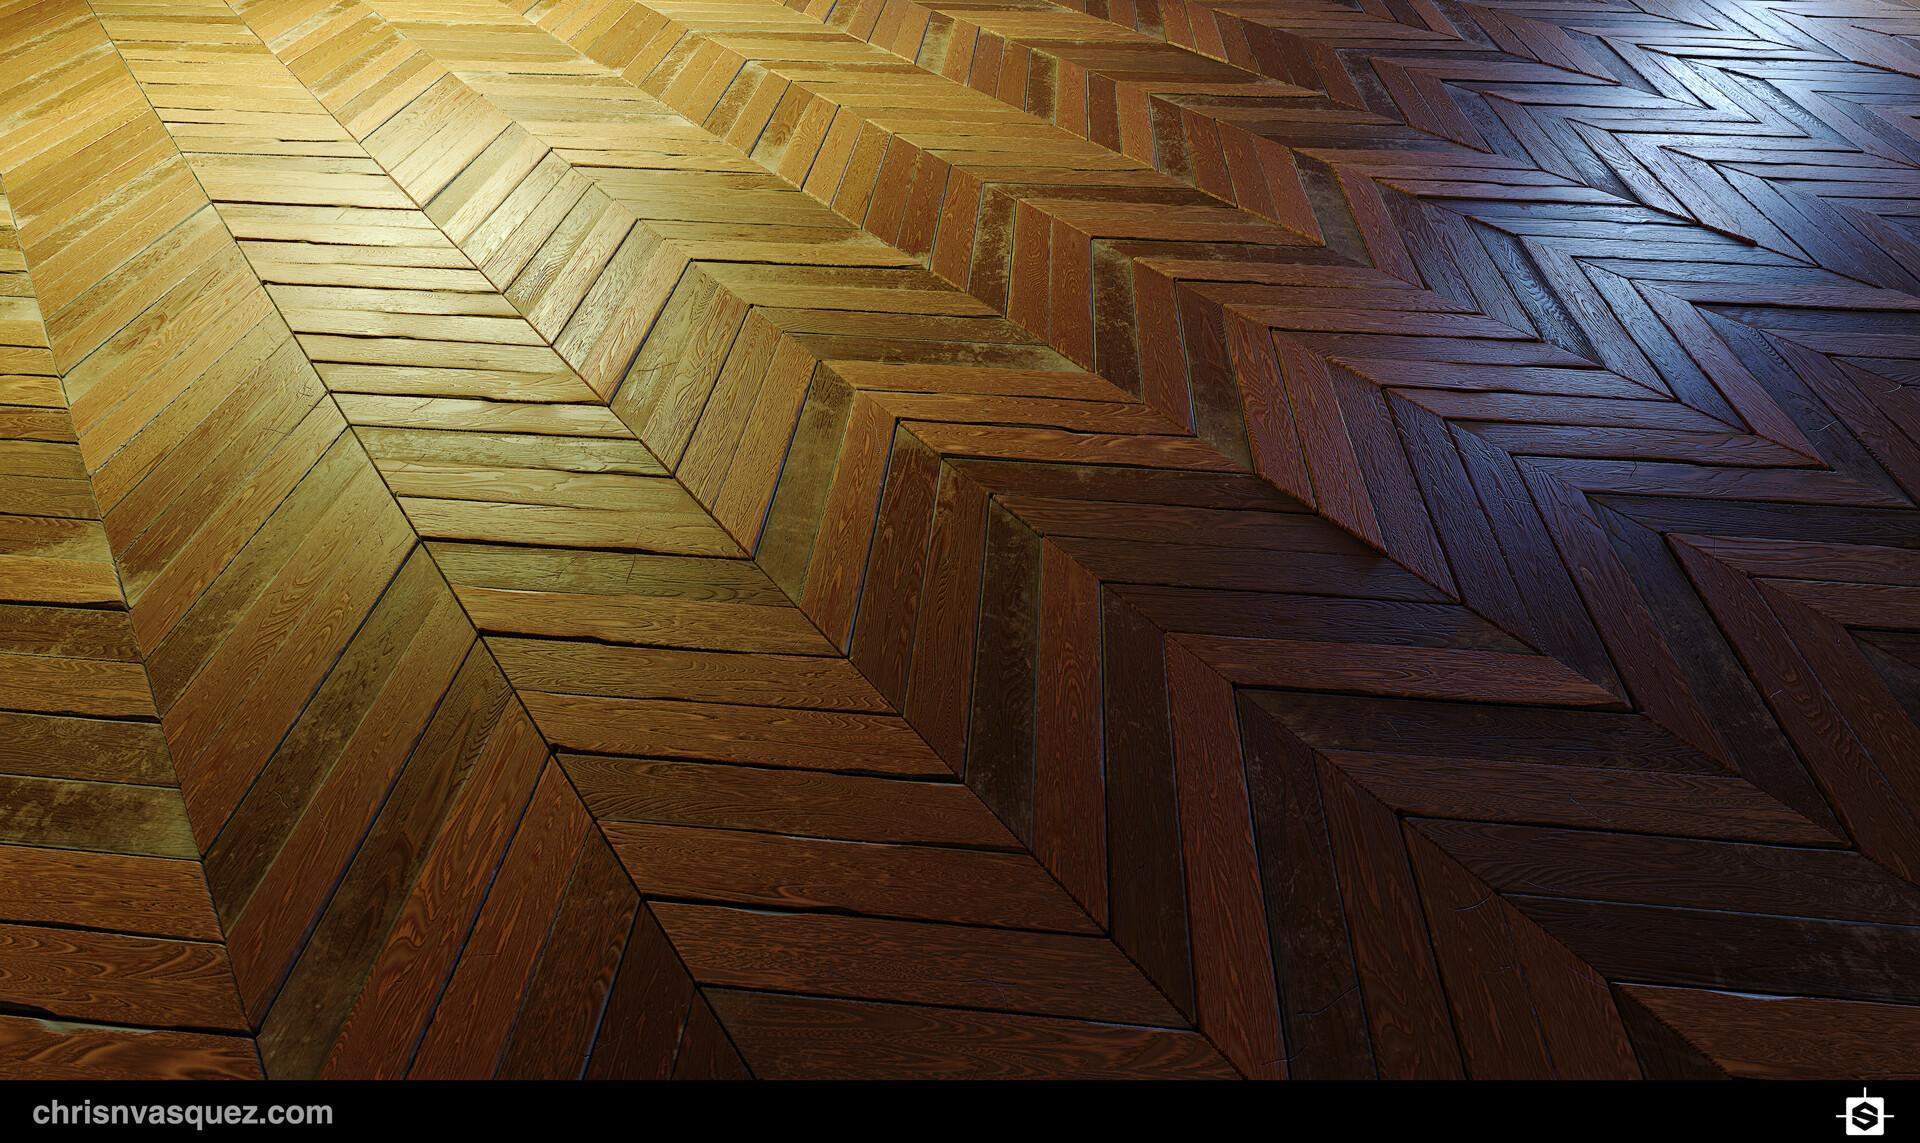 Christian vasquez garage floor